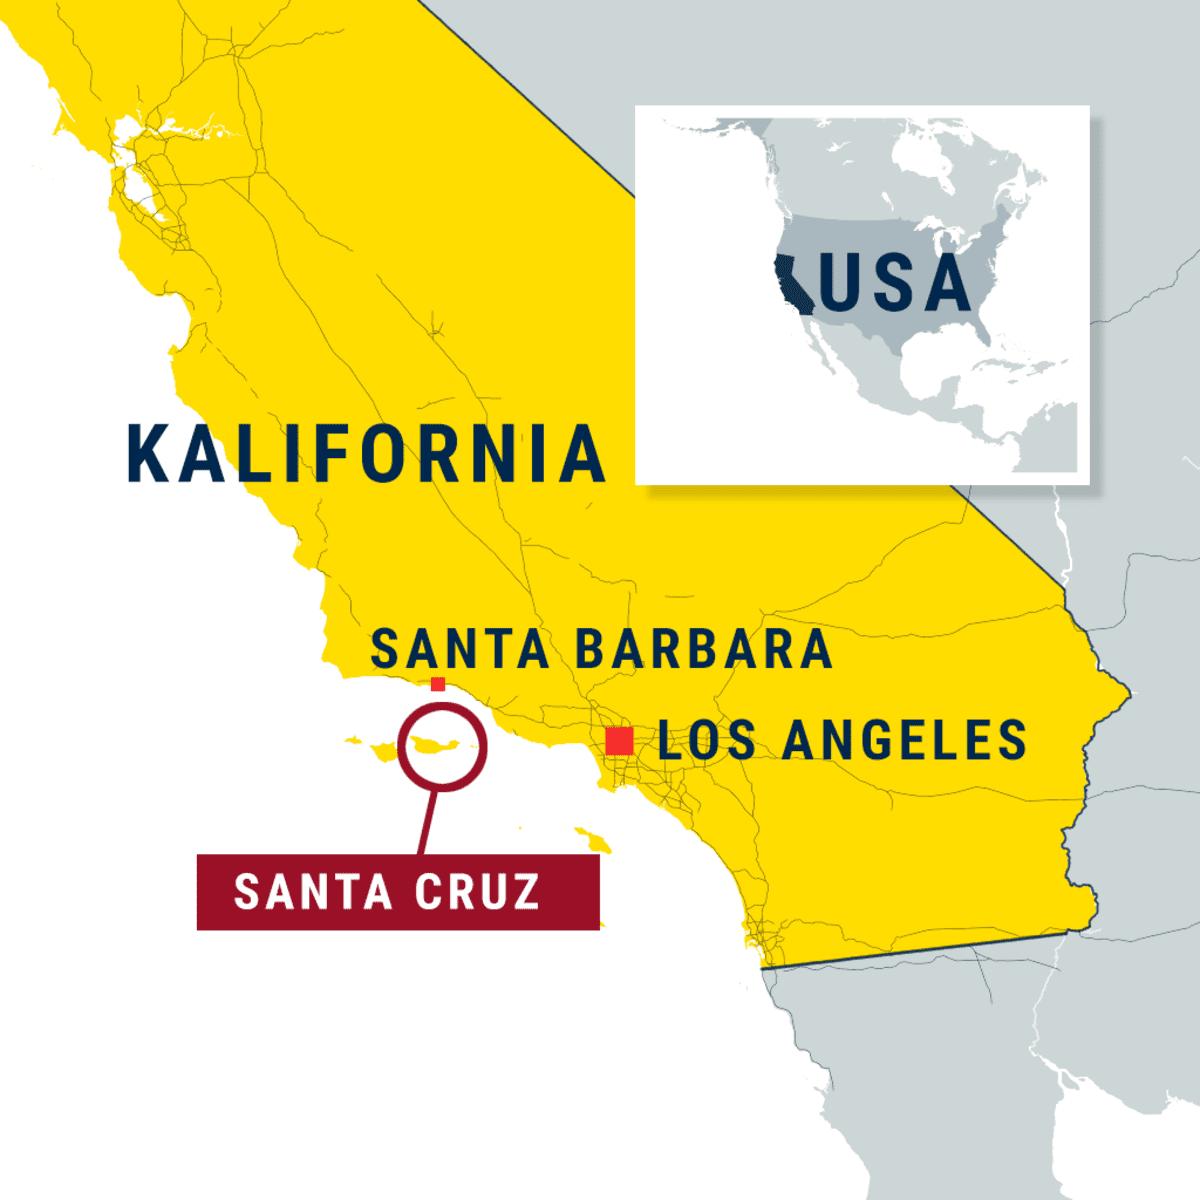 Kalifornia. Kohokuviokartta. 3D Matkamuistokartta